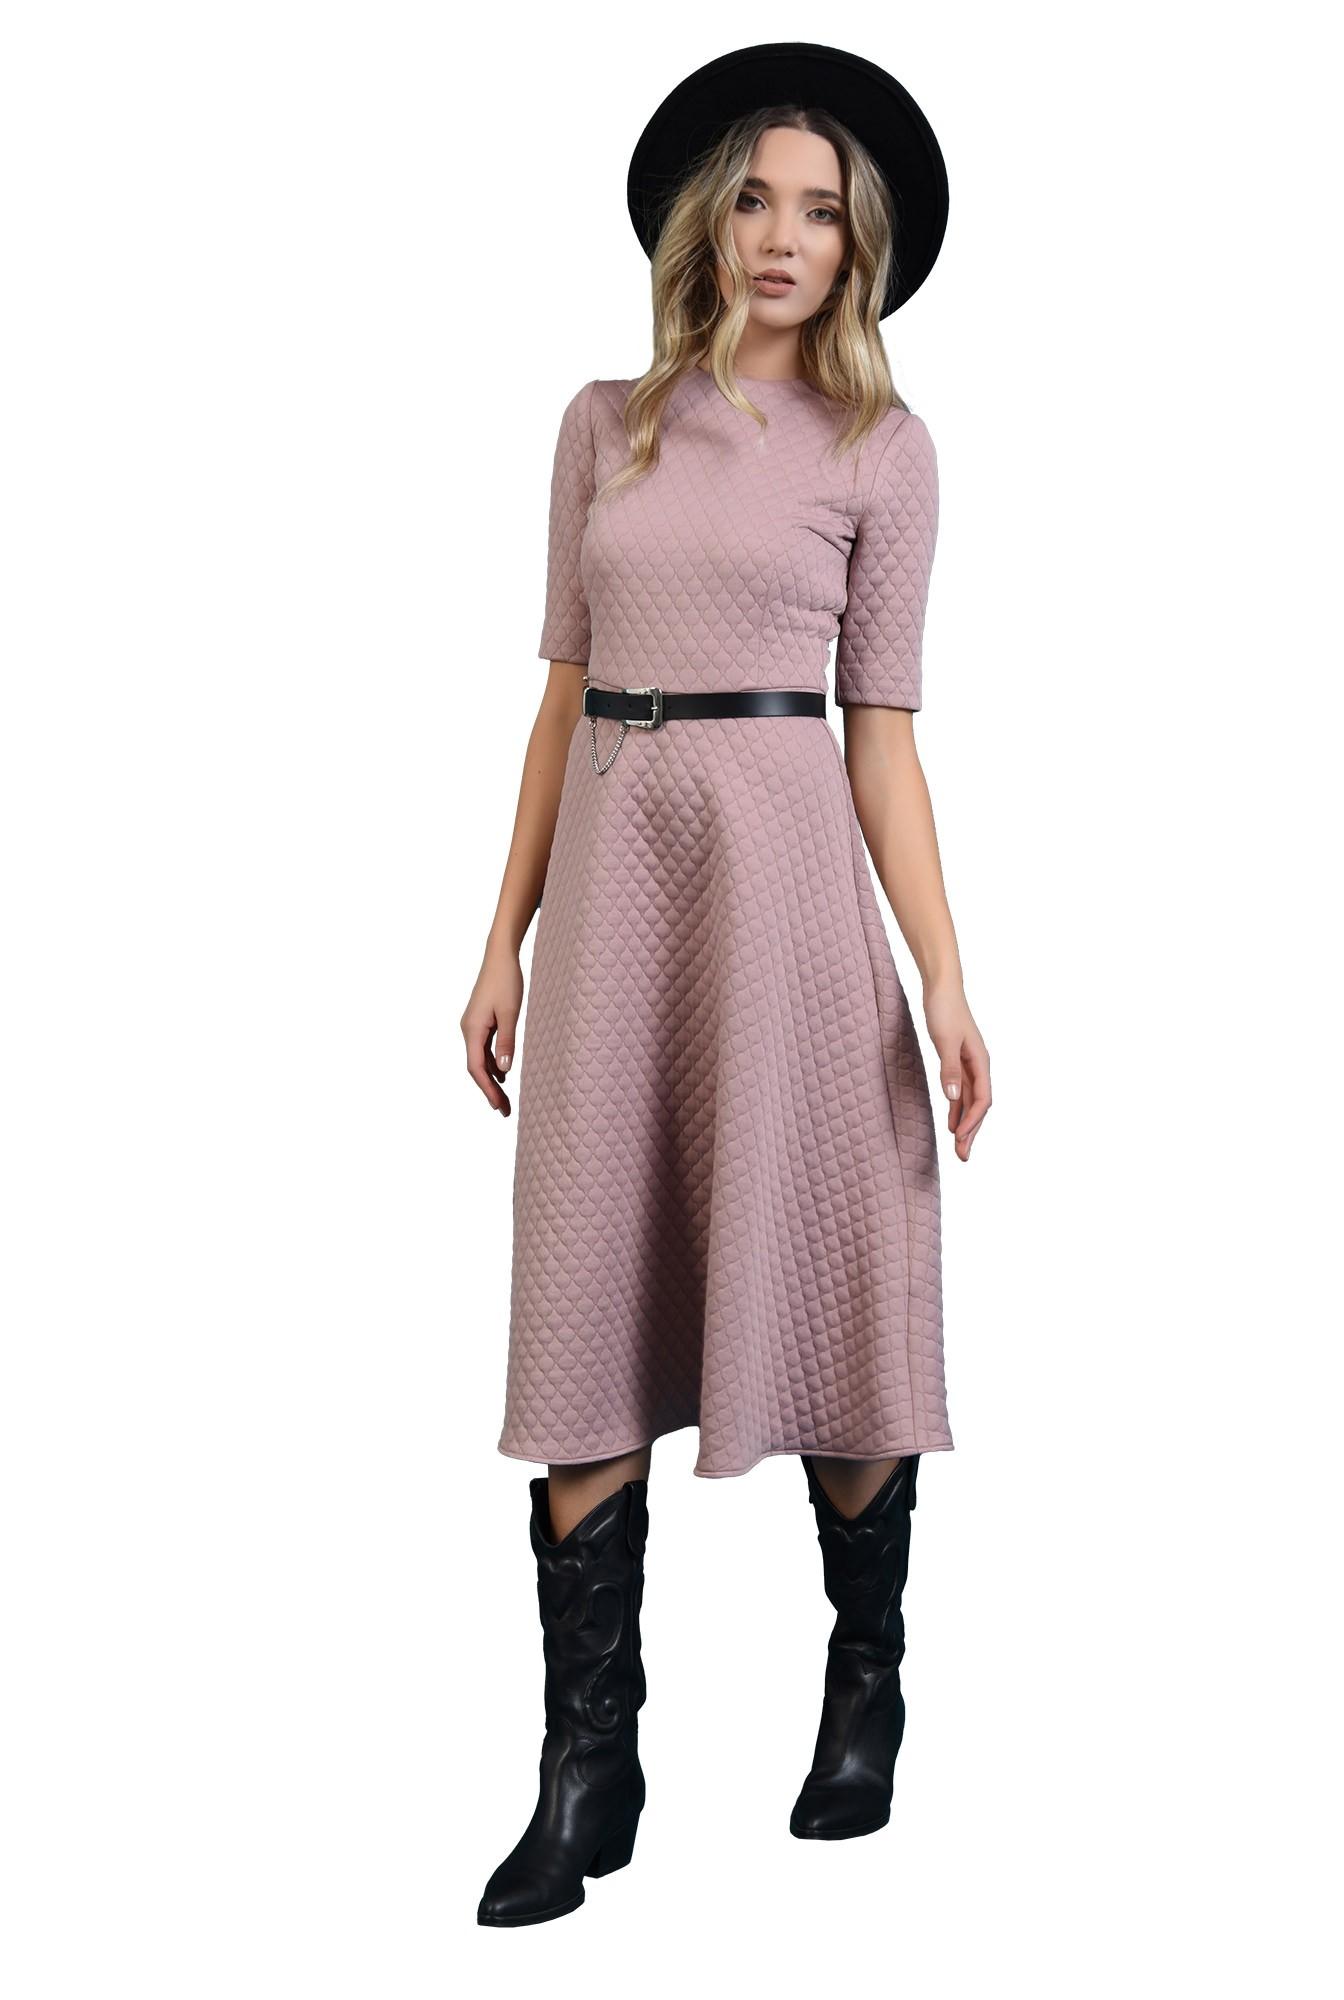 360 - rochie midi, roz, evazata, din material matlasat